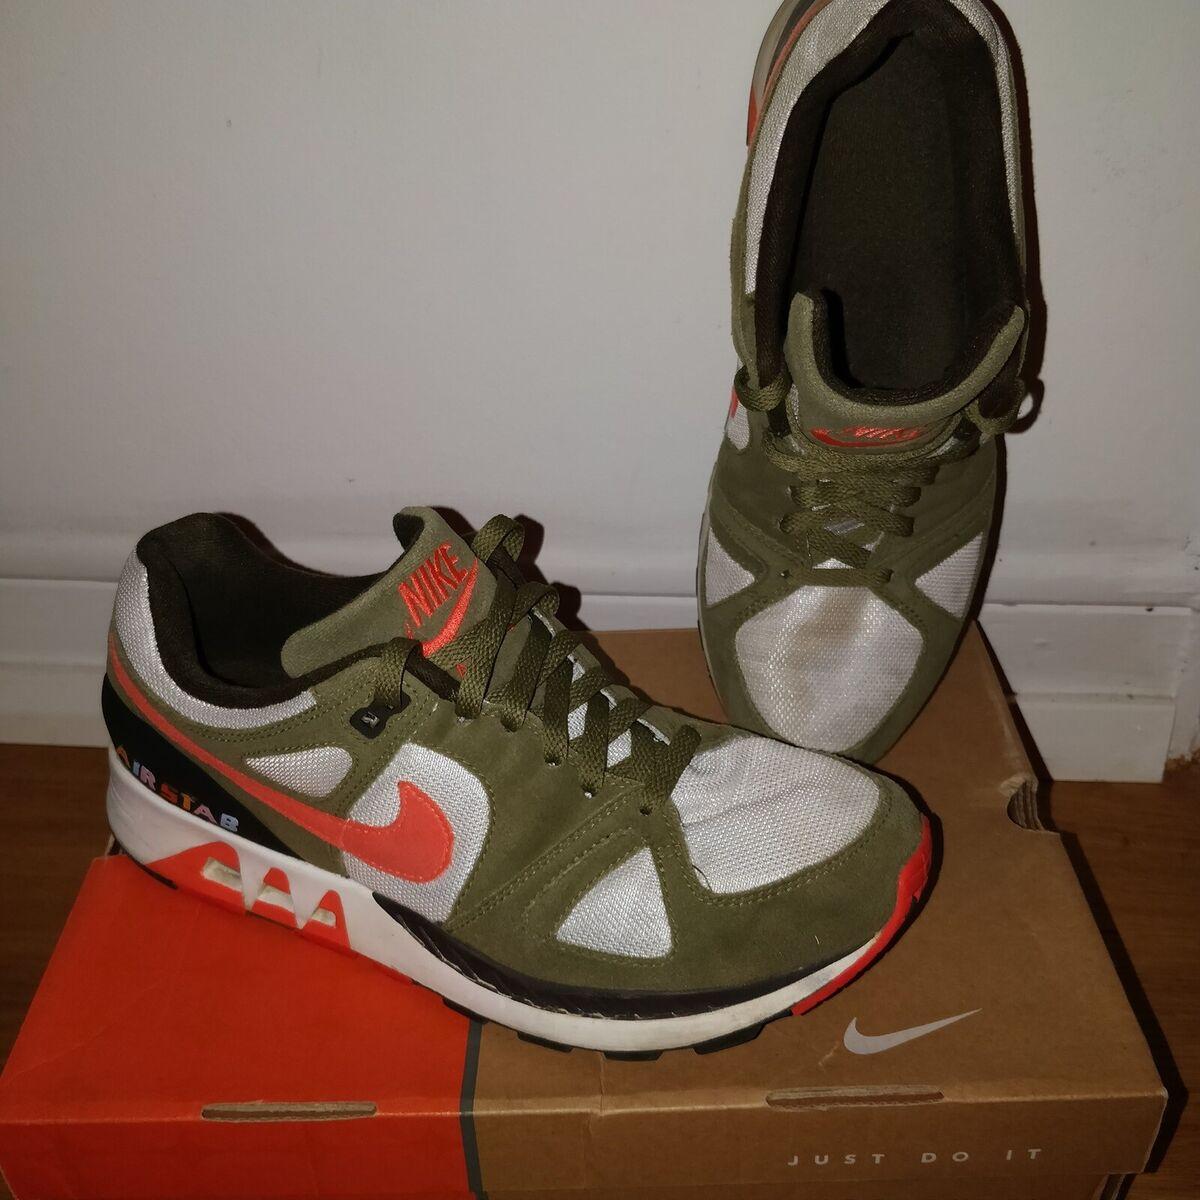 Sneakers, Nike Air Stab, str. 43, Grøn, Hvid, God men